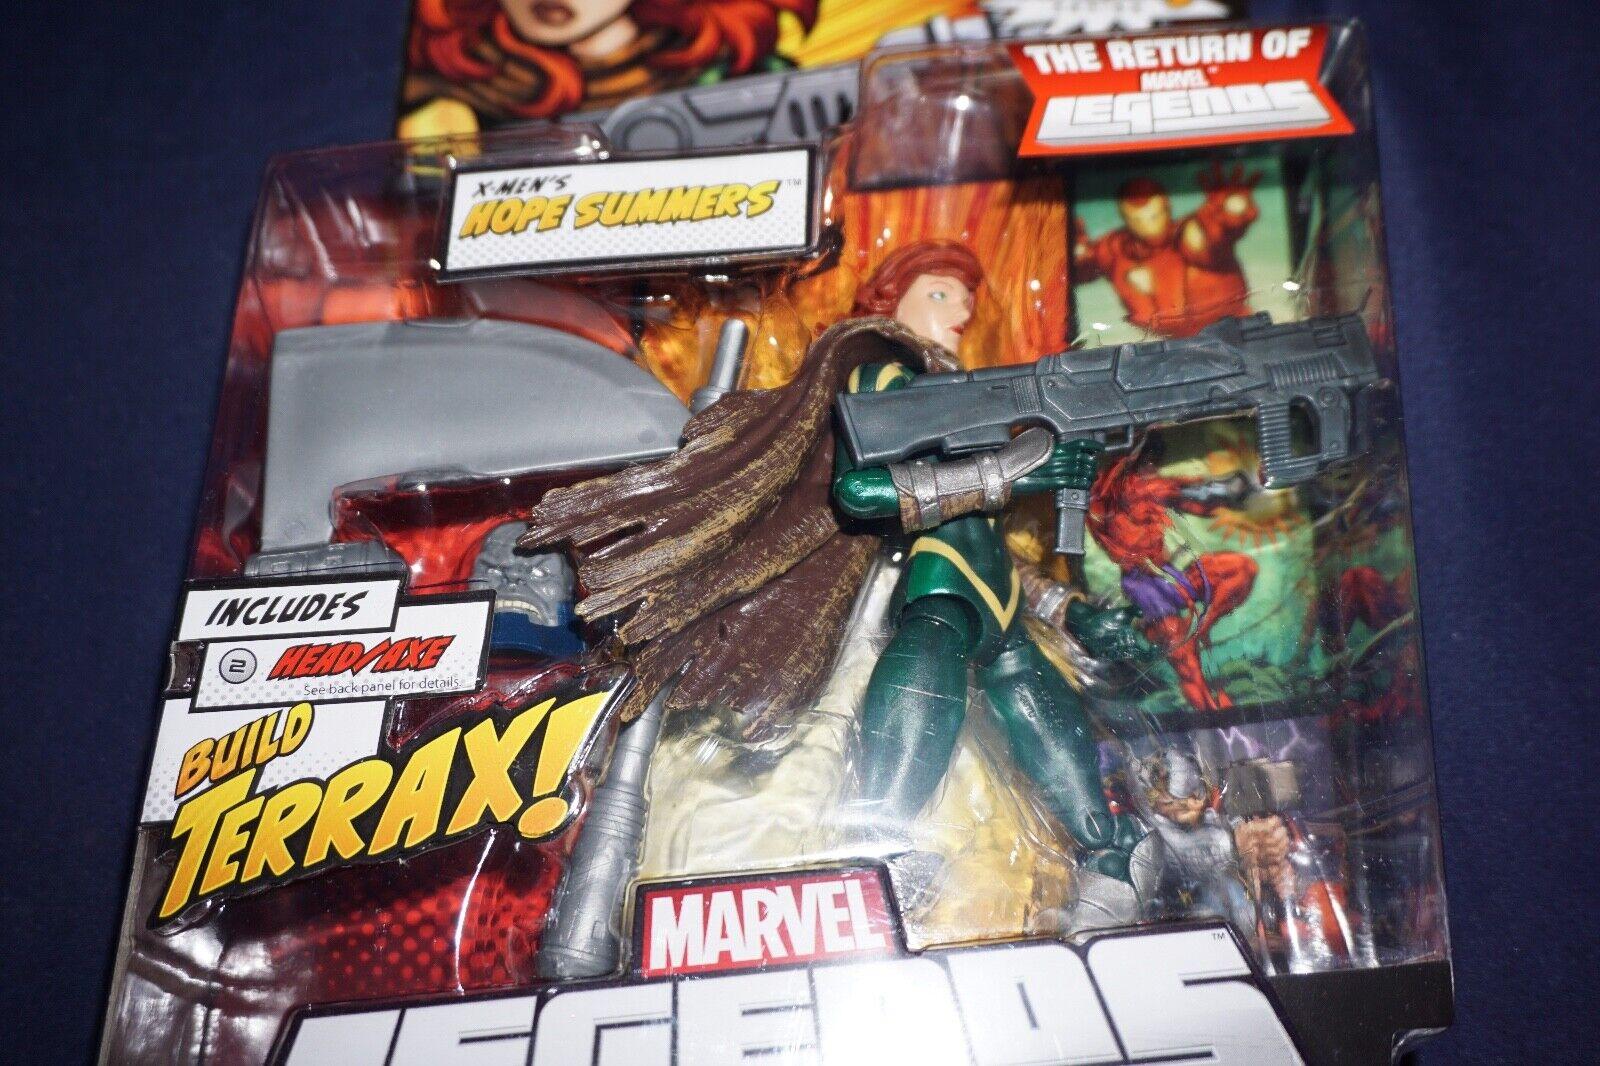 MARVEL LEGENDS X-MEN'S HOPE SUMMERS TERRAX SERIES  6 INCH ACTION FIGURE 2011